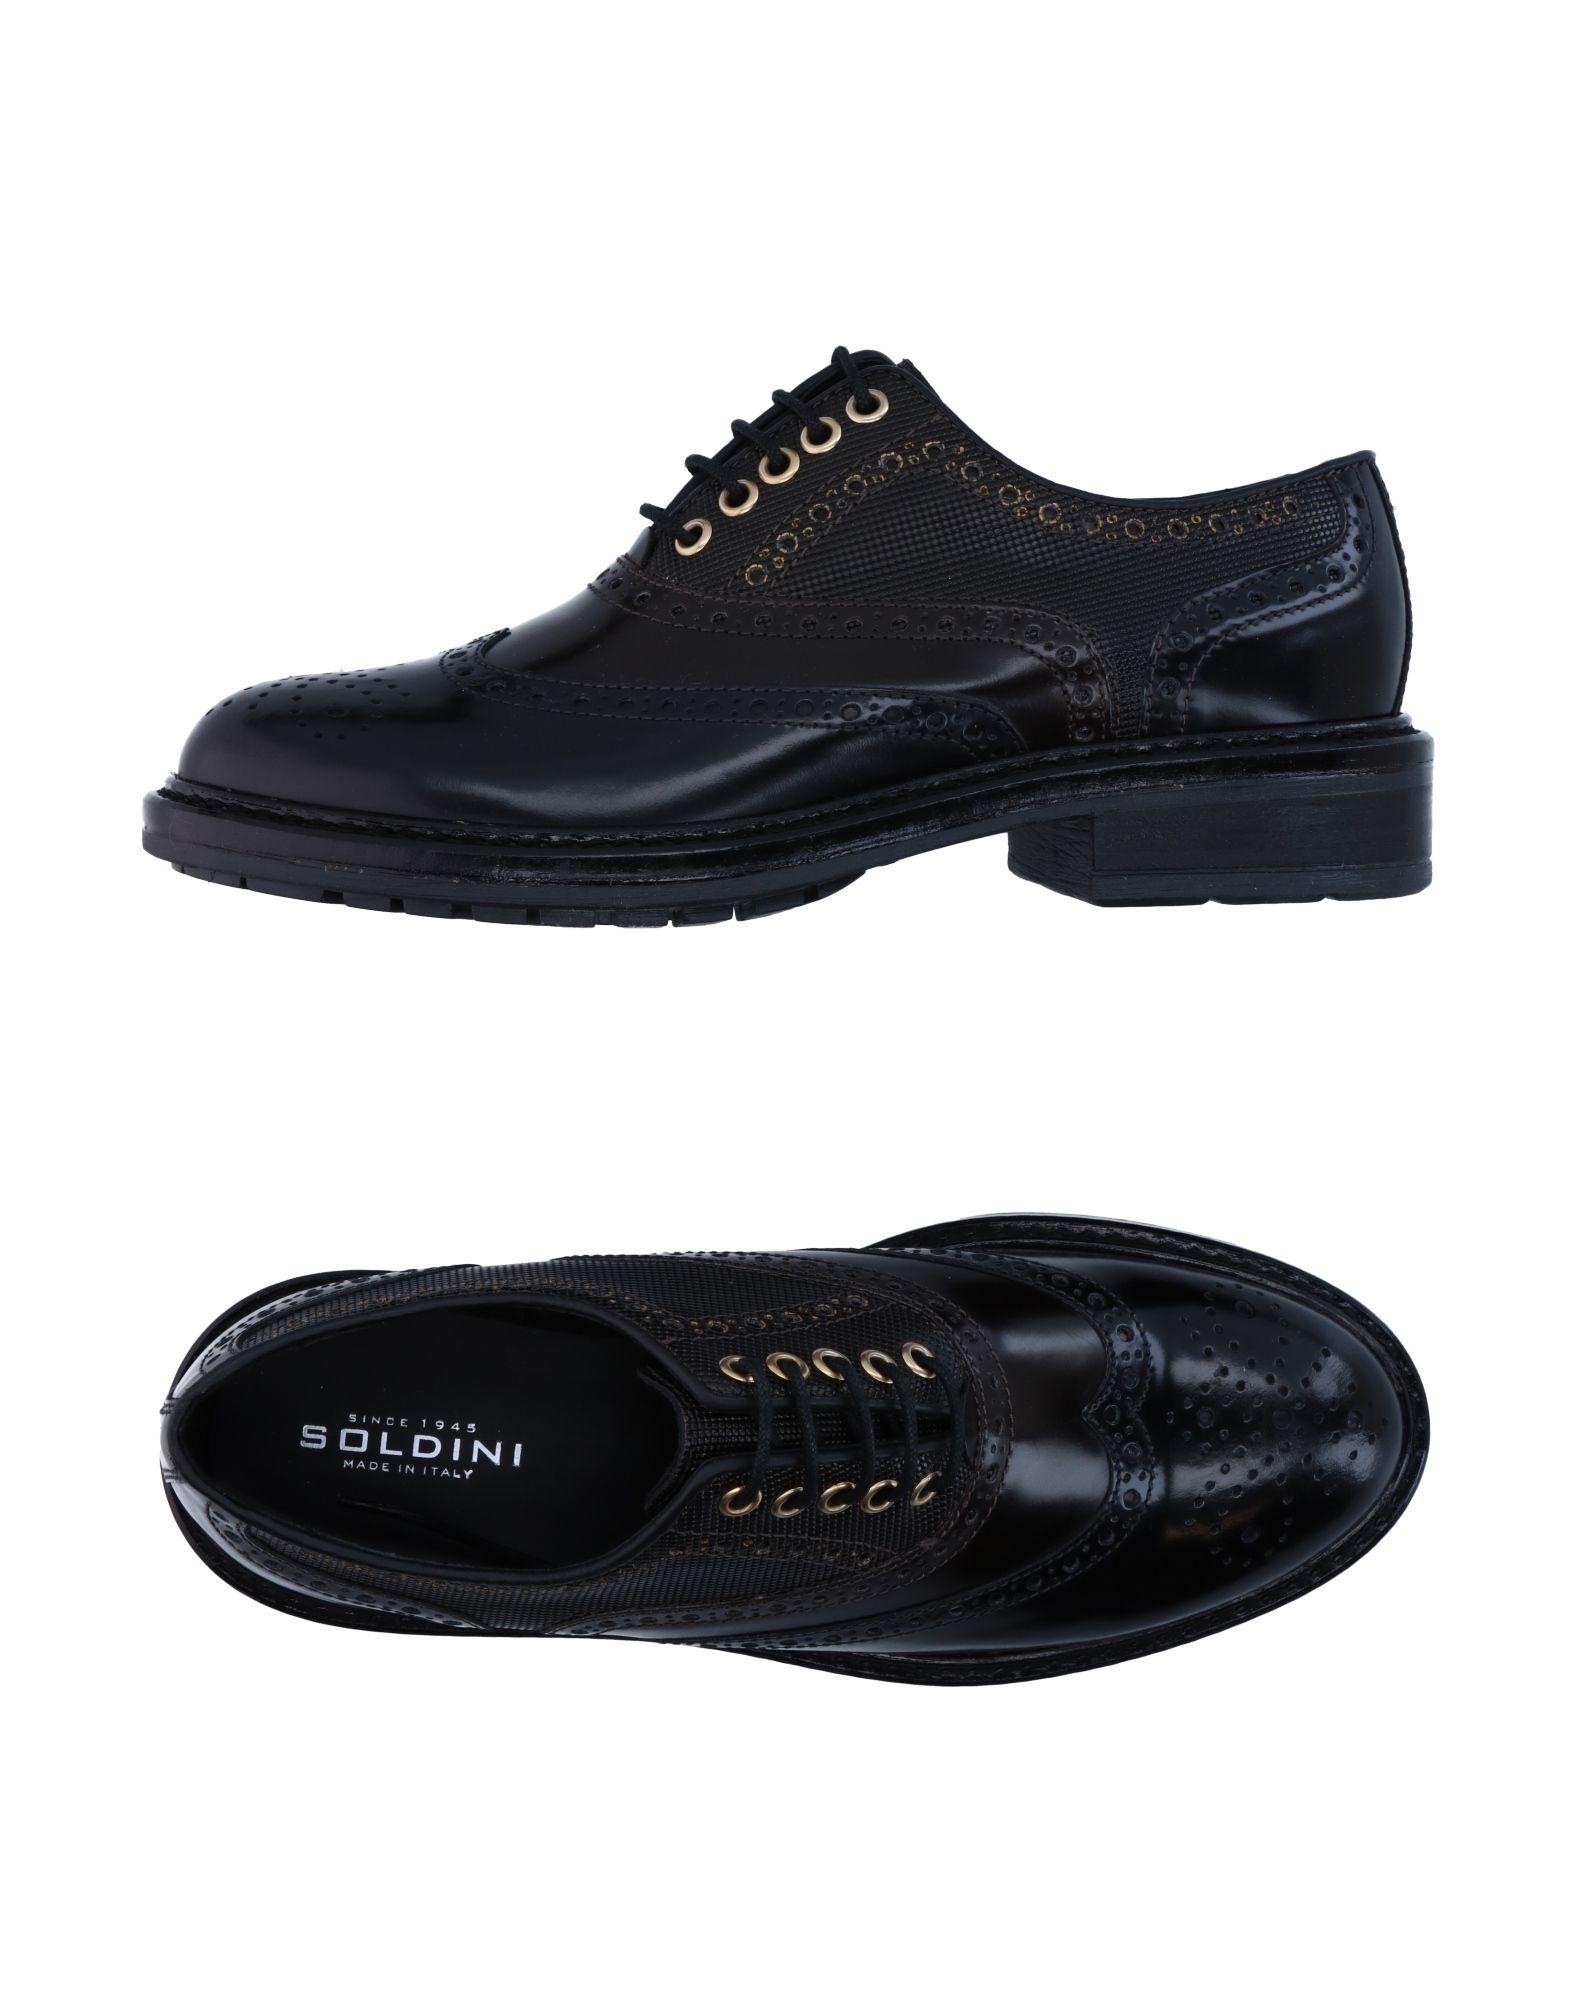 Soldini Soldini Soldini Schnürschuhe Damen  11260610LG Heiße Schuhe 0cd4d4